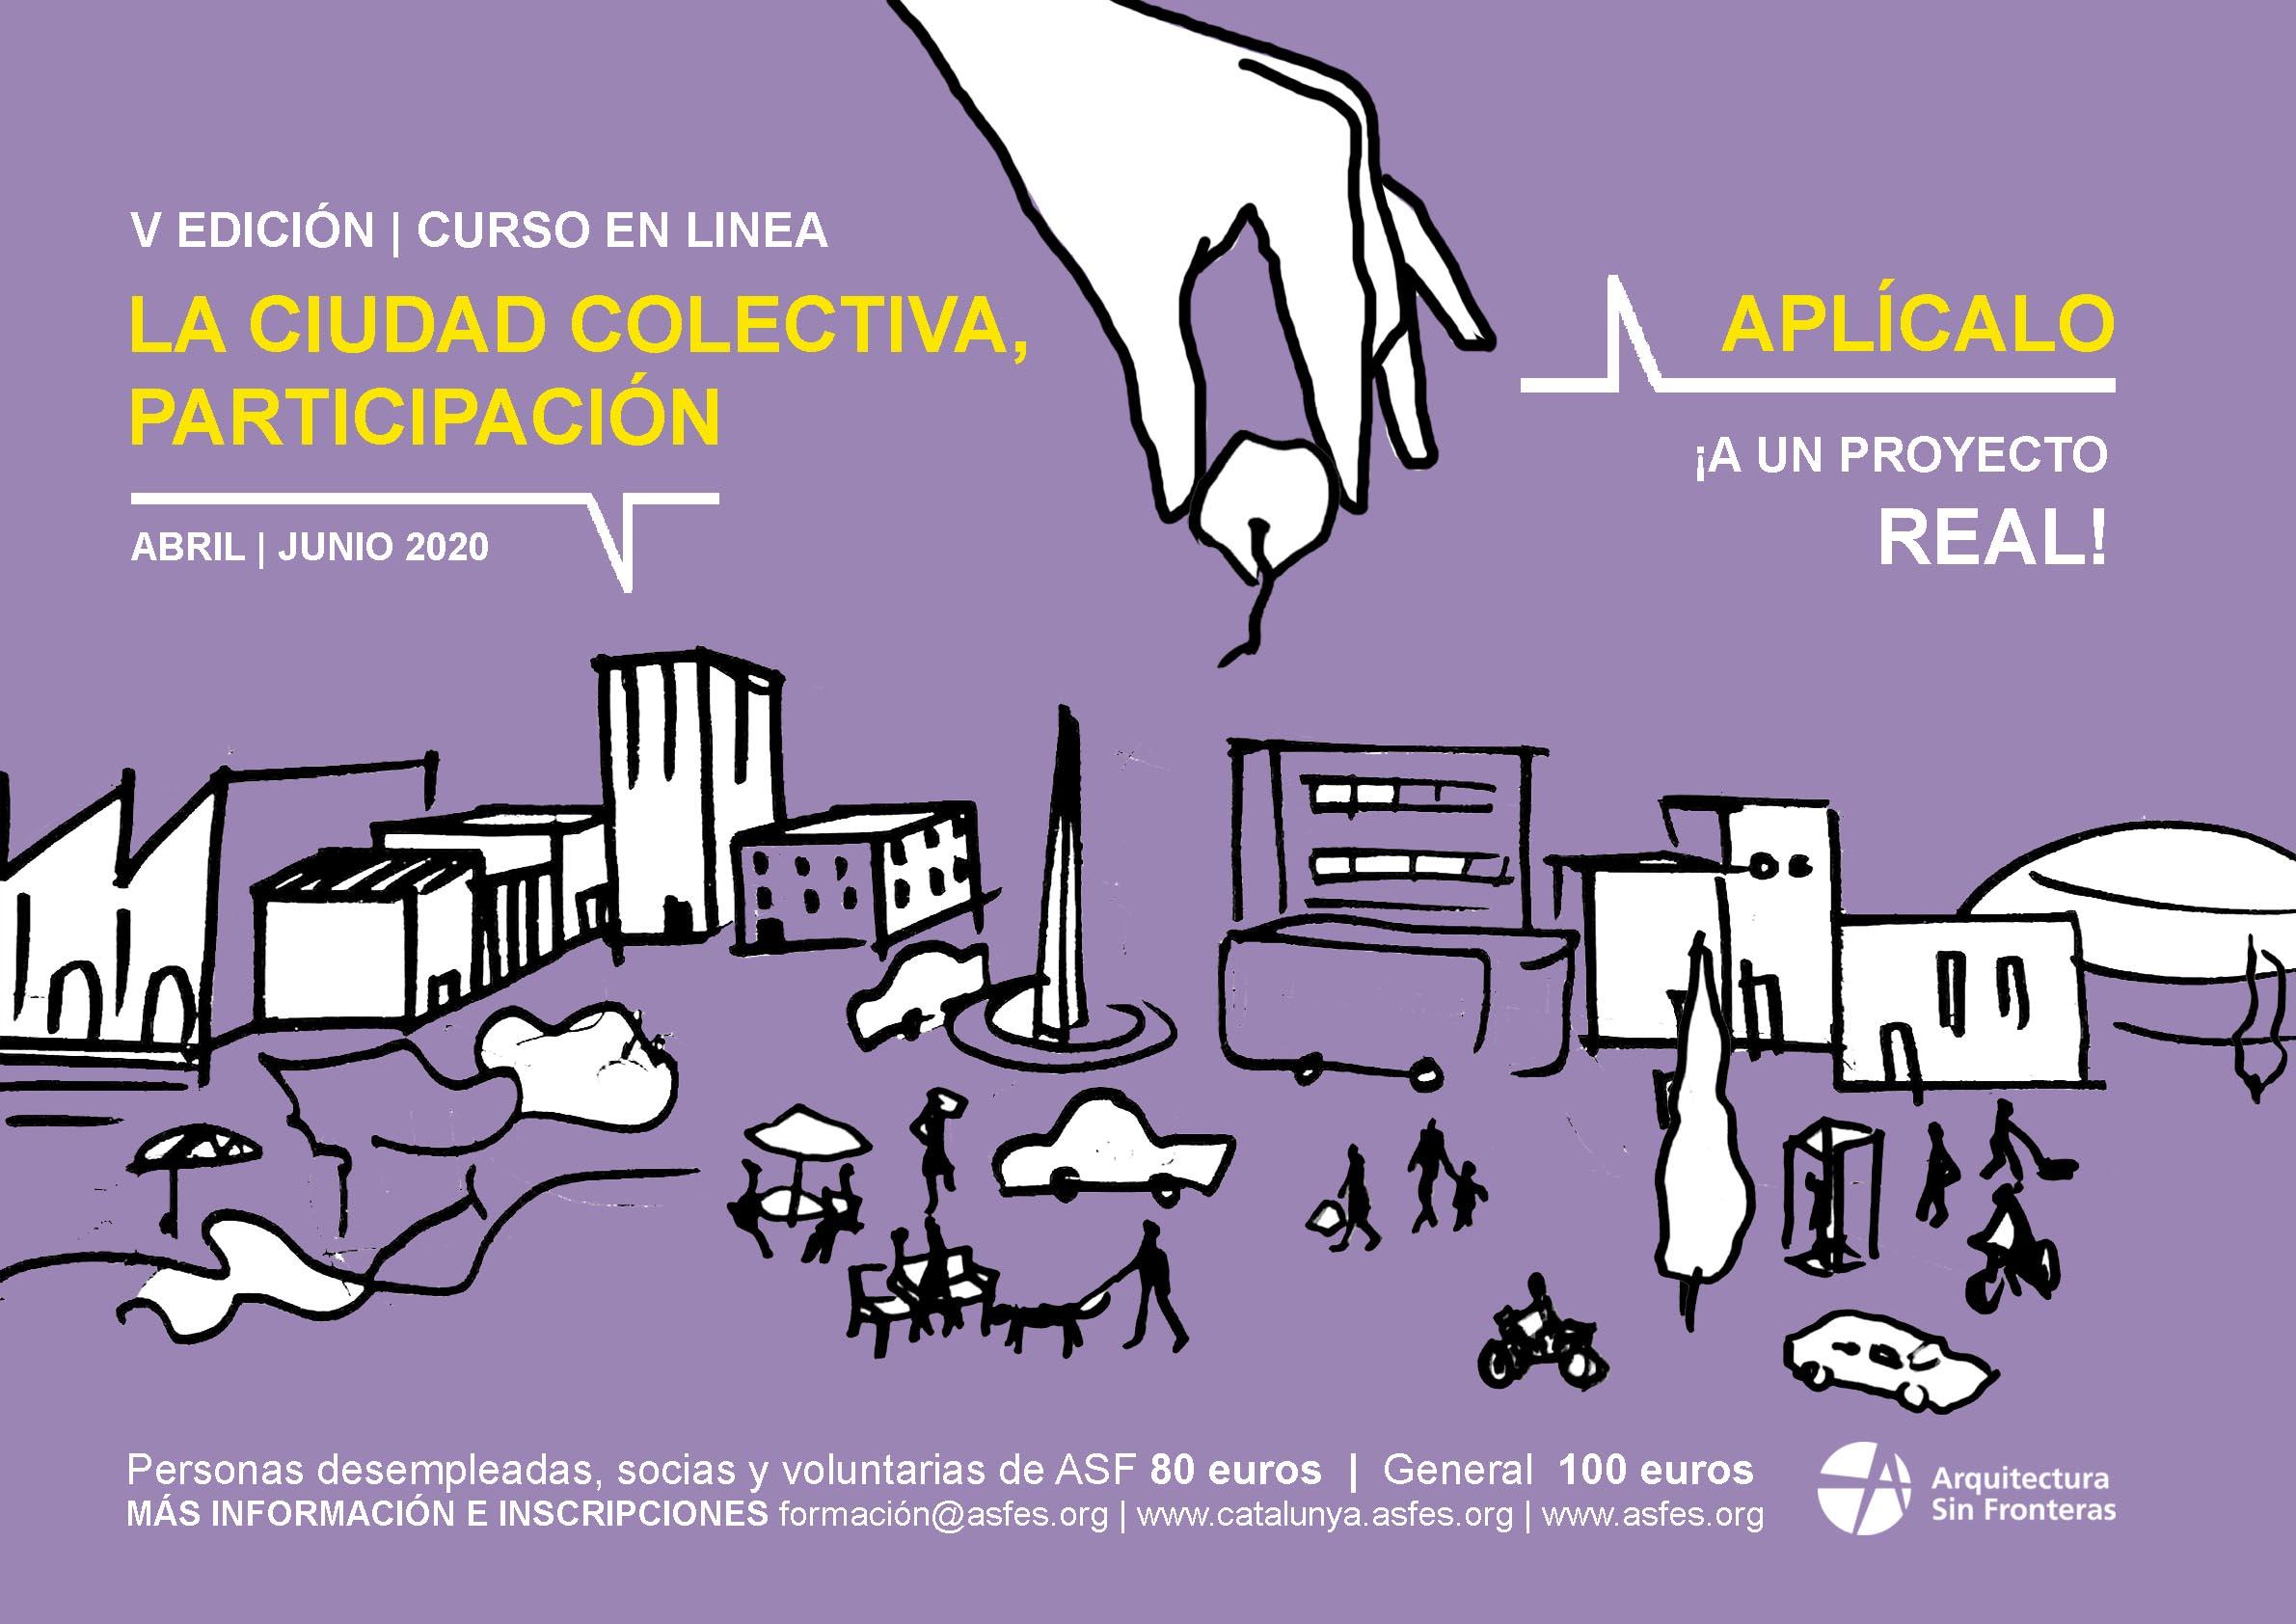 V EDICIÓN: LA CIUDAD COLECTIVA, PARTICIPACIÓN